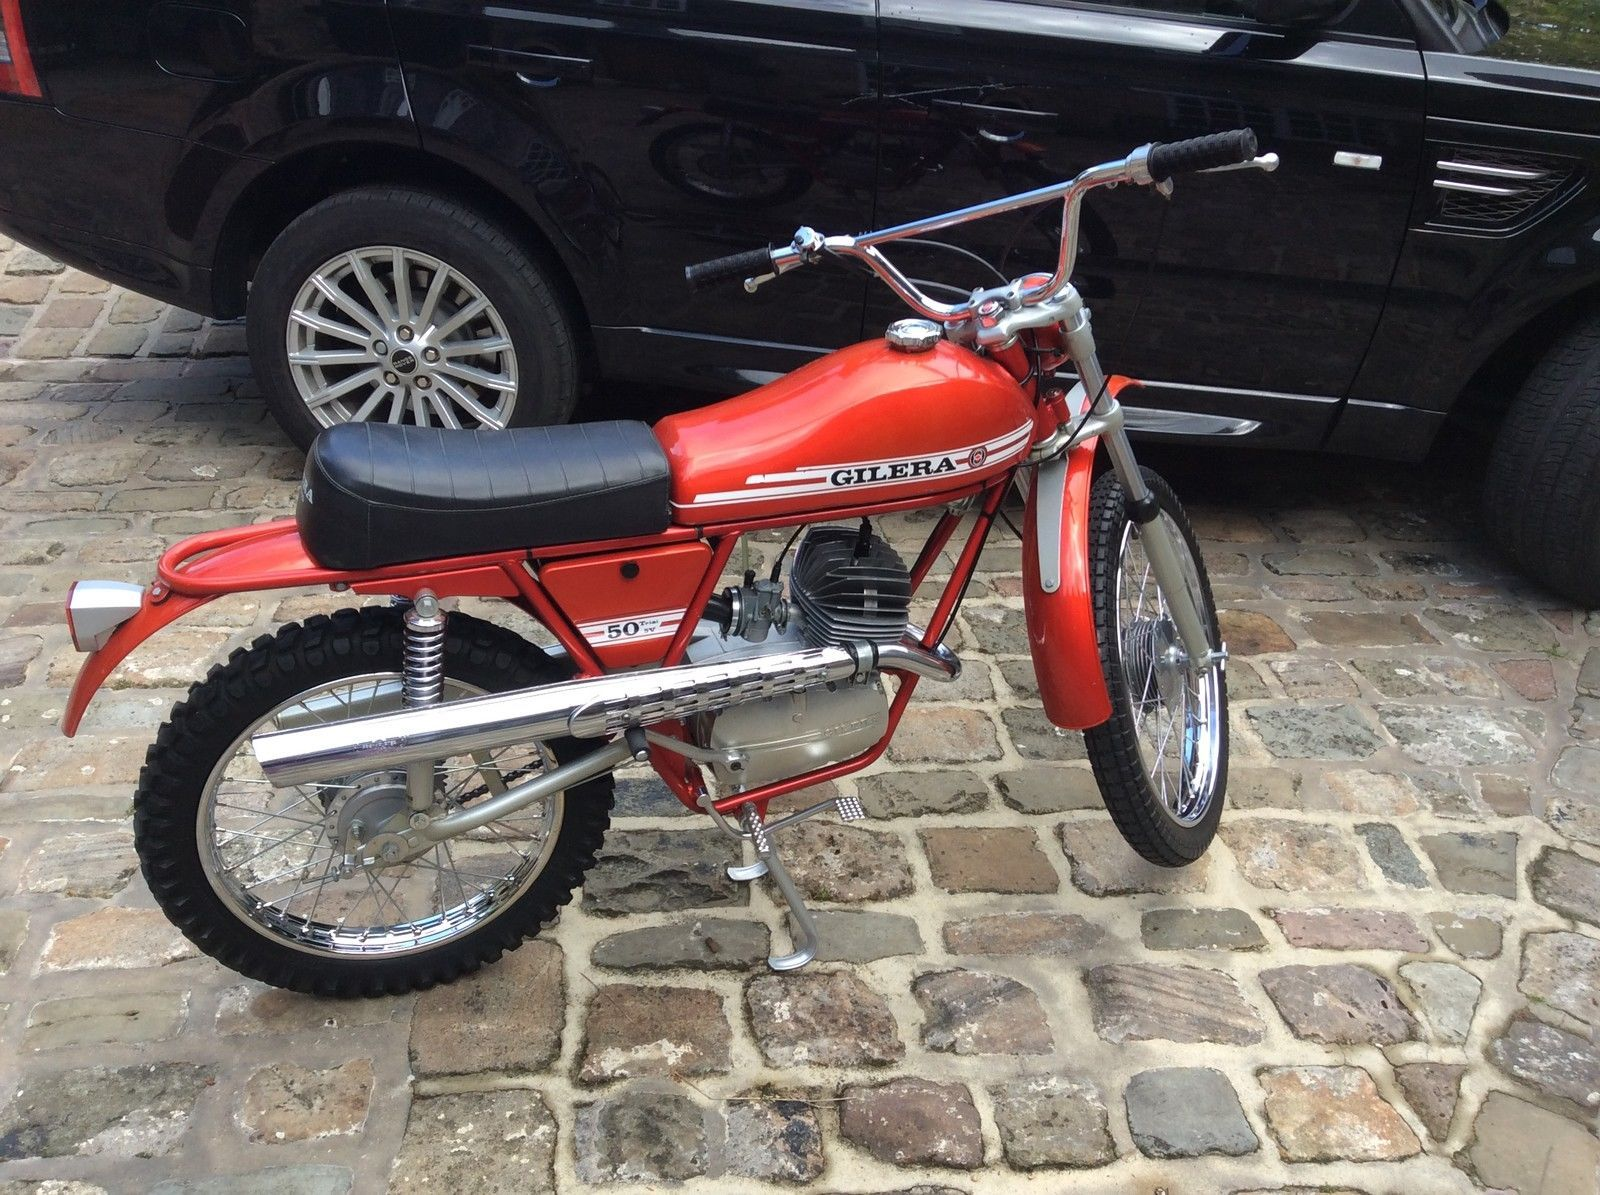 Gilera trials 5v 50cc moped never used totally original fs1e